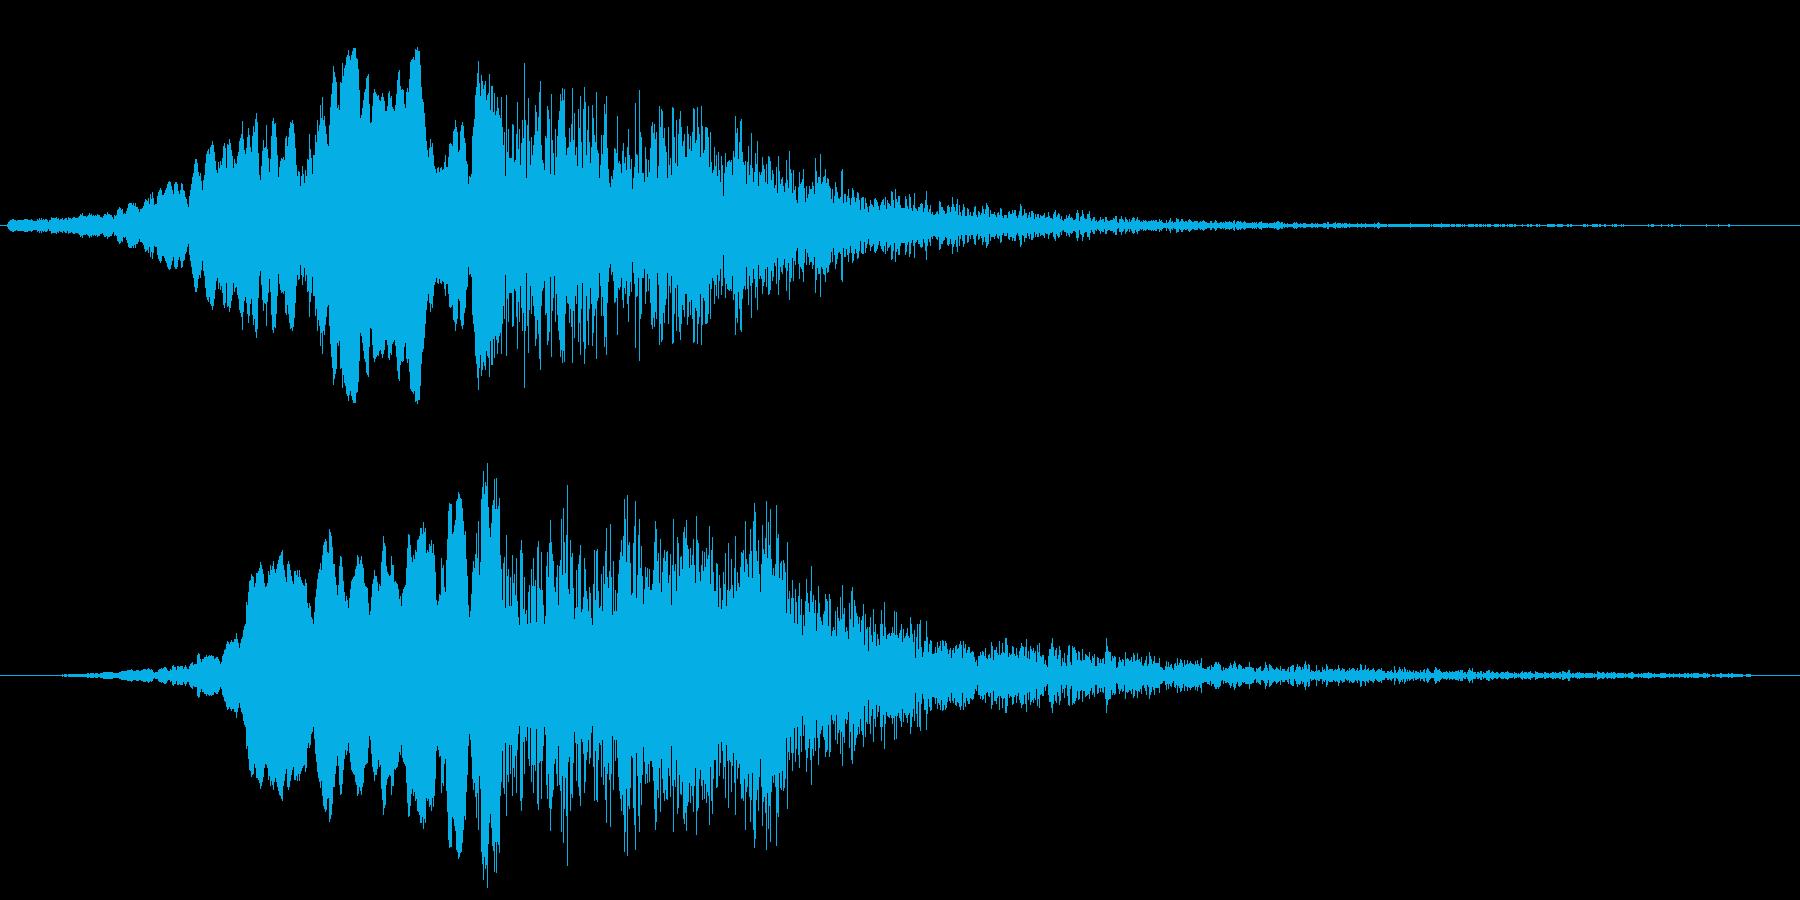 恐怖が走るイメージの効果音の再生済みの波形